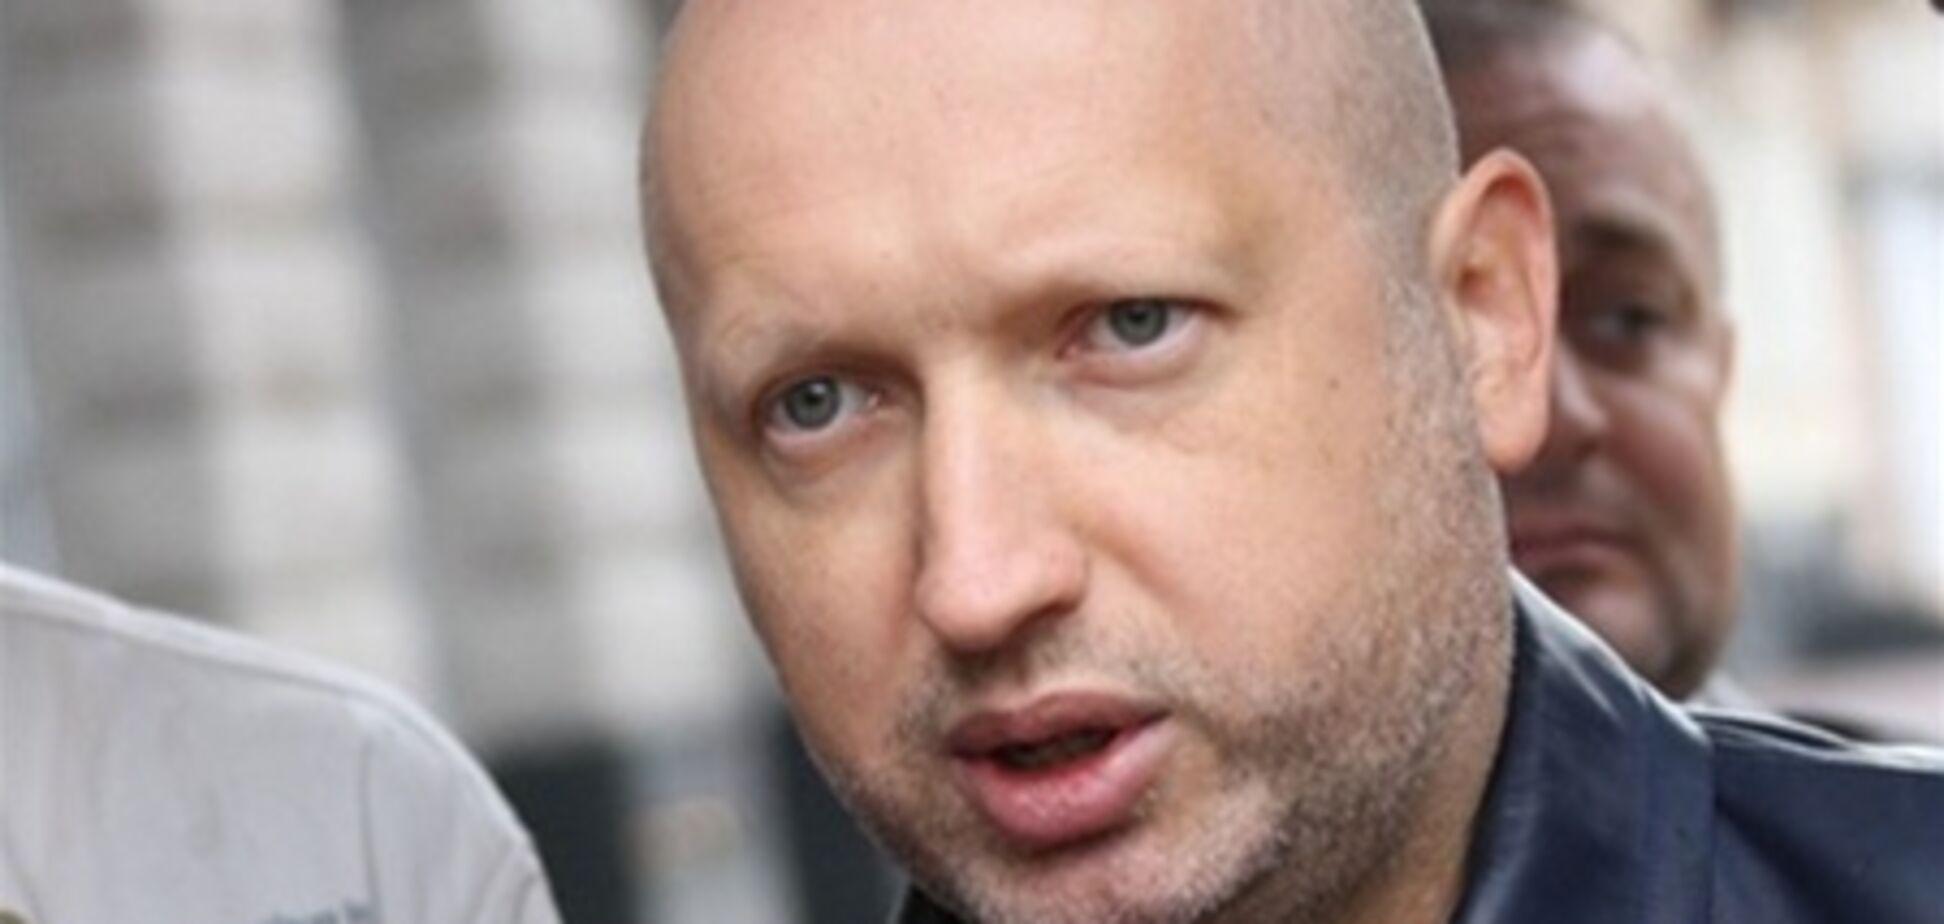 Тимошенко потеряла сознание после приема лекарств - Турчинов